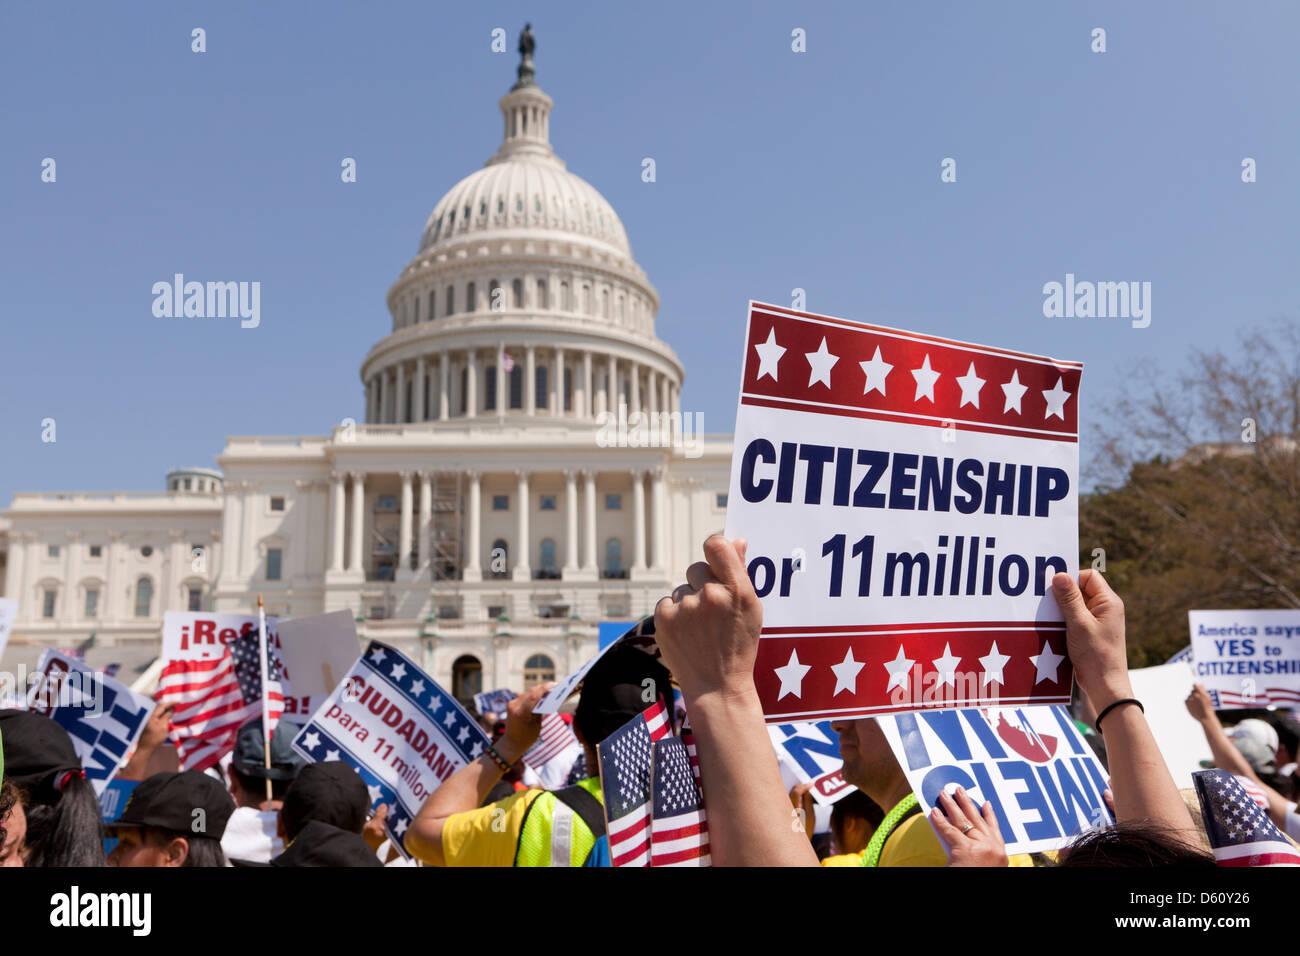 Gran multitud agitando banderas mexicanas y estadounidenses en una Demonstración de Inmigración en Washington Imagen De Stock